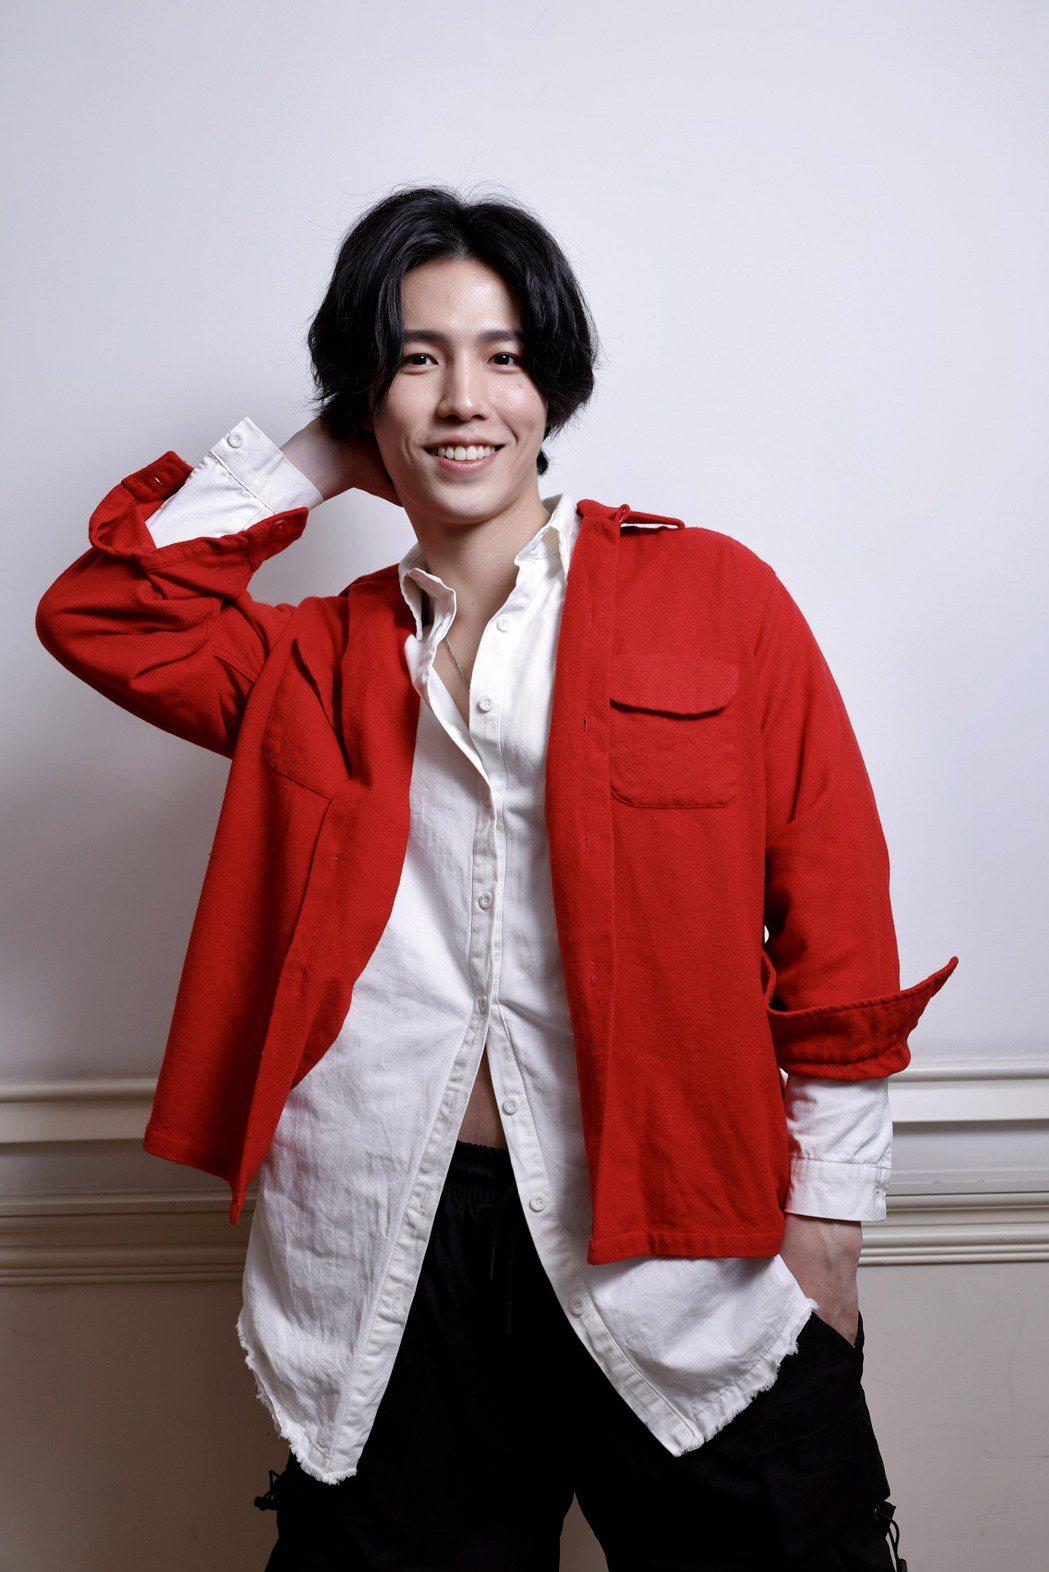 林瑞陽兒子林禹頗有大將之風,演出「戀愛是科學」受矚目。記者李政龍/攝影